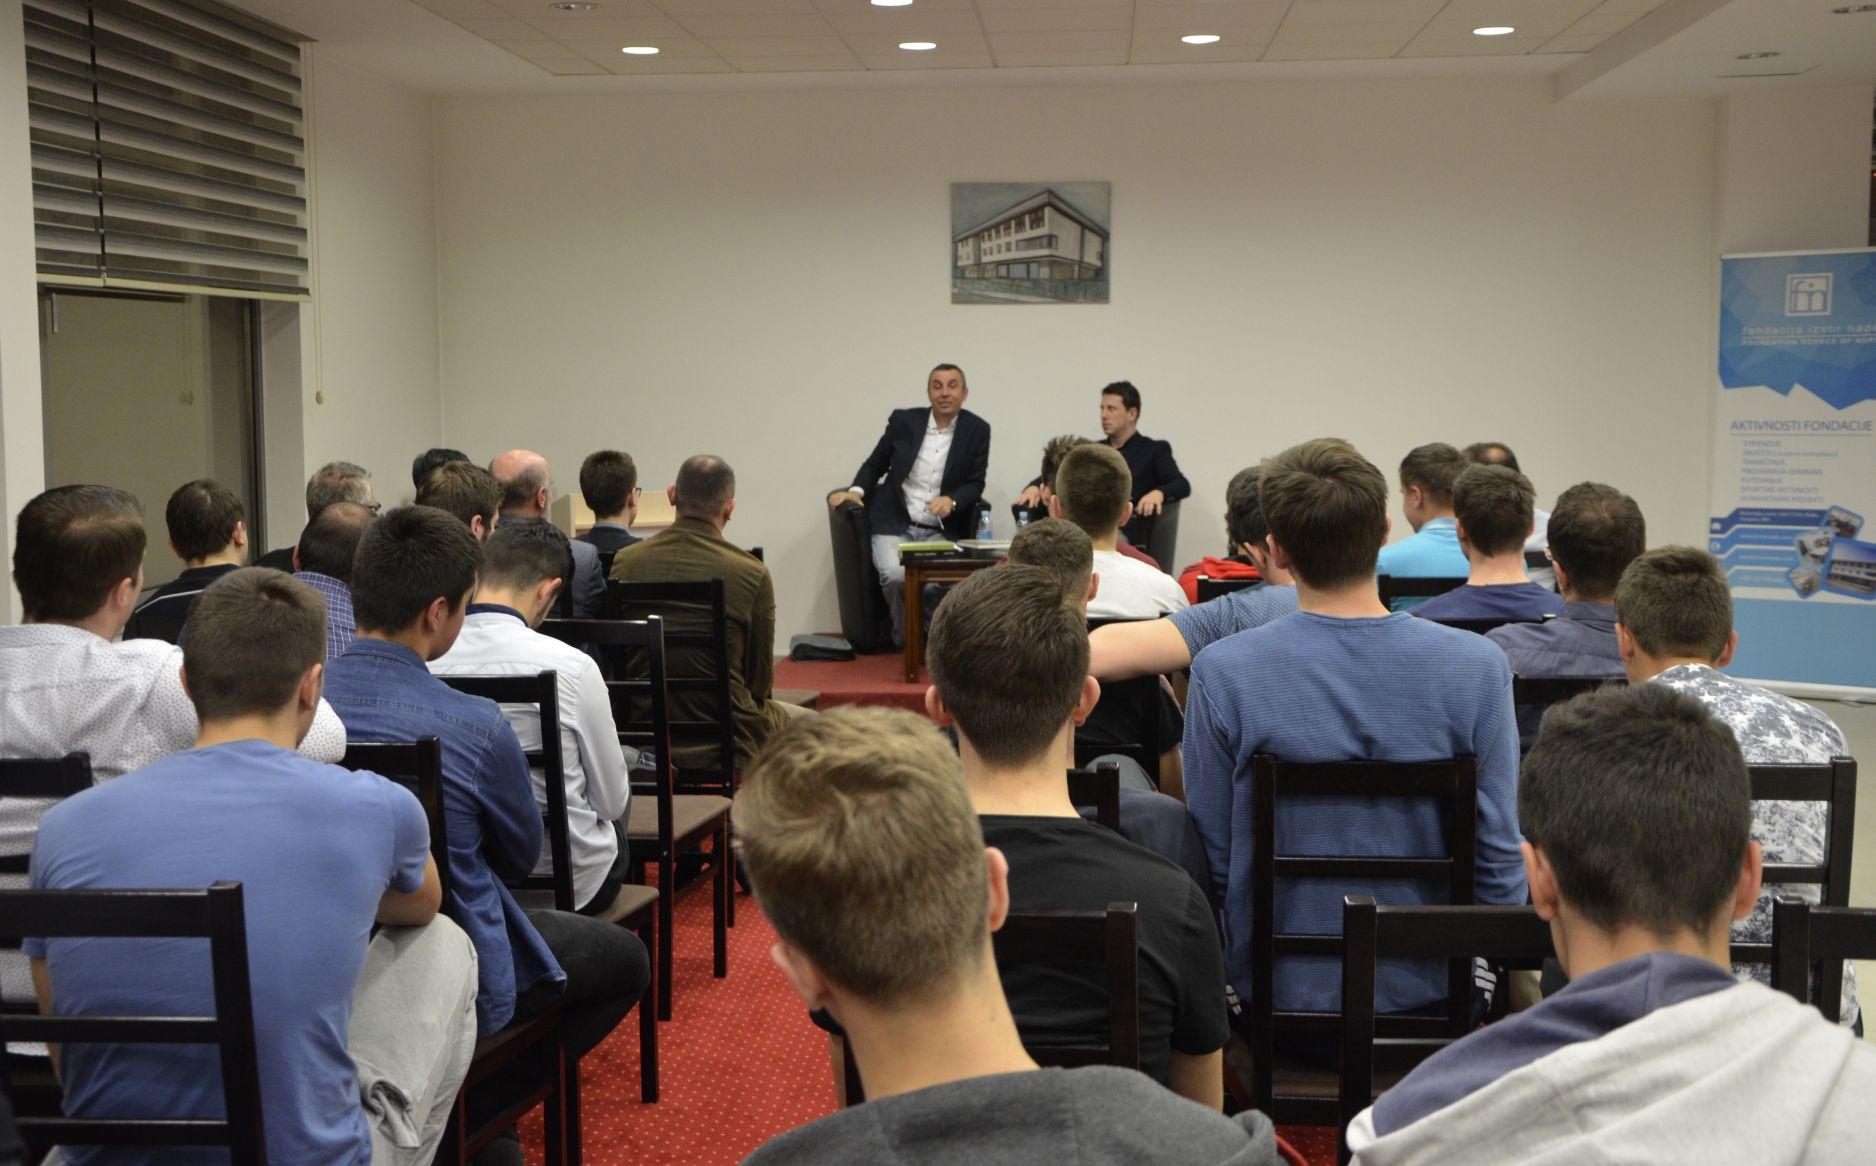 Osman Lindov predavanje Fondacija Izvor nade 17. april 2018. b